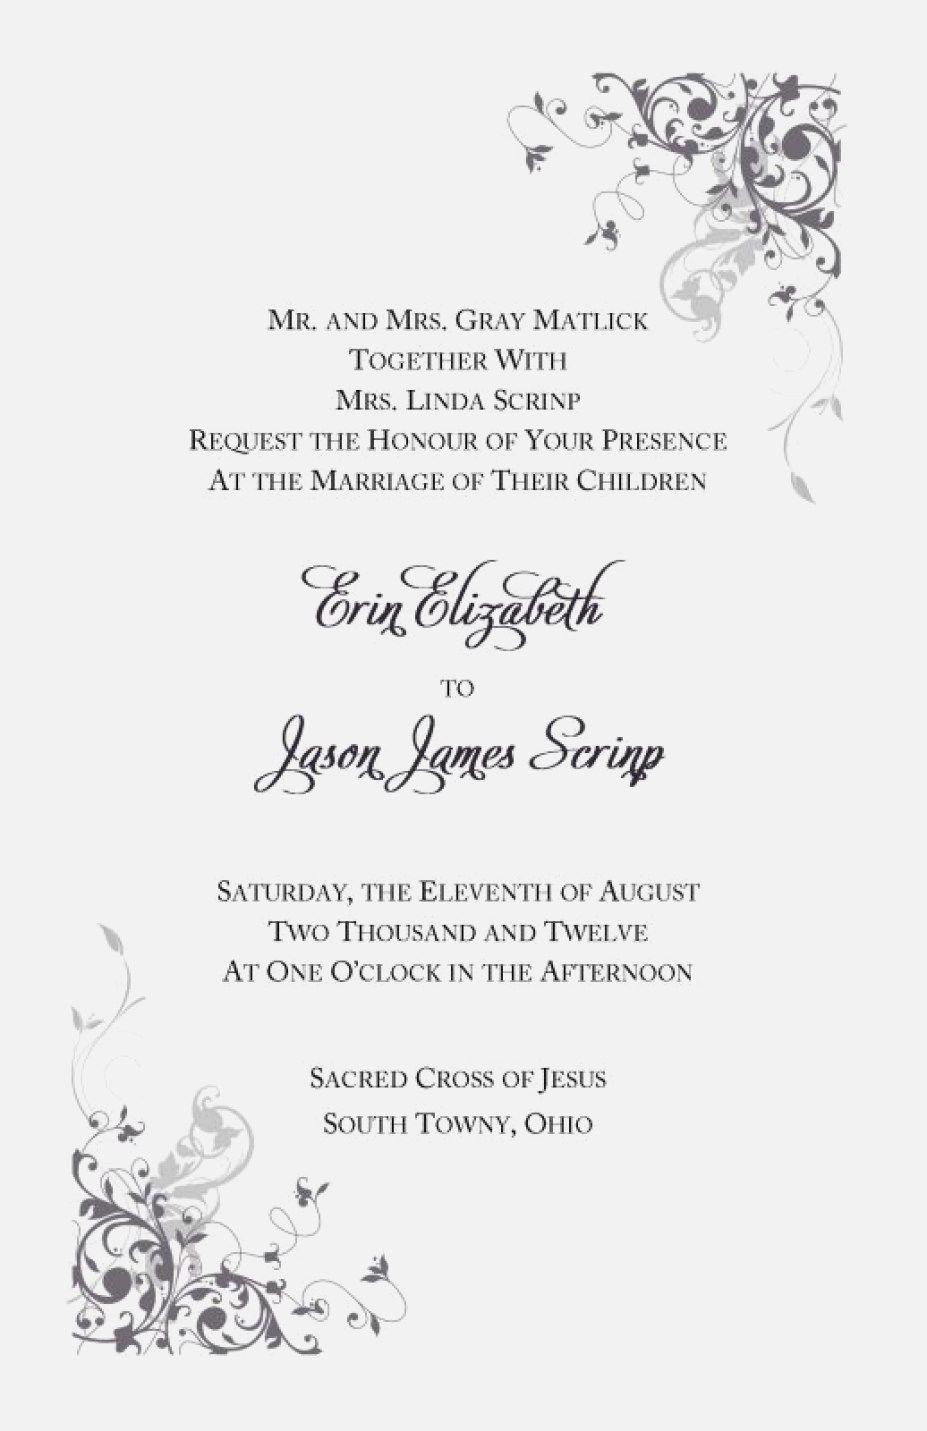 Catholic Wedding Invitation Wording Catholic Wedding Invitations Wedding Reception Invitation Wording